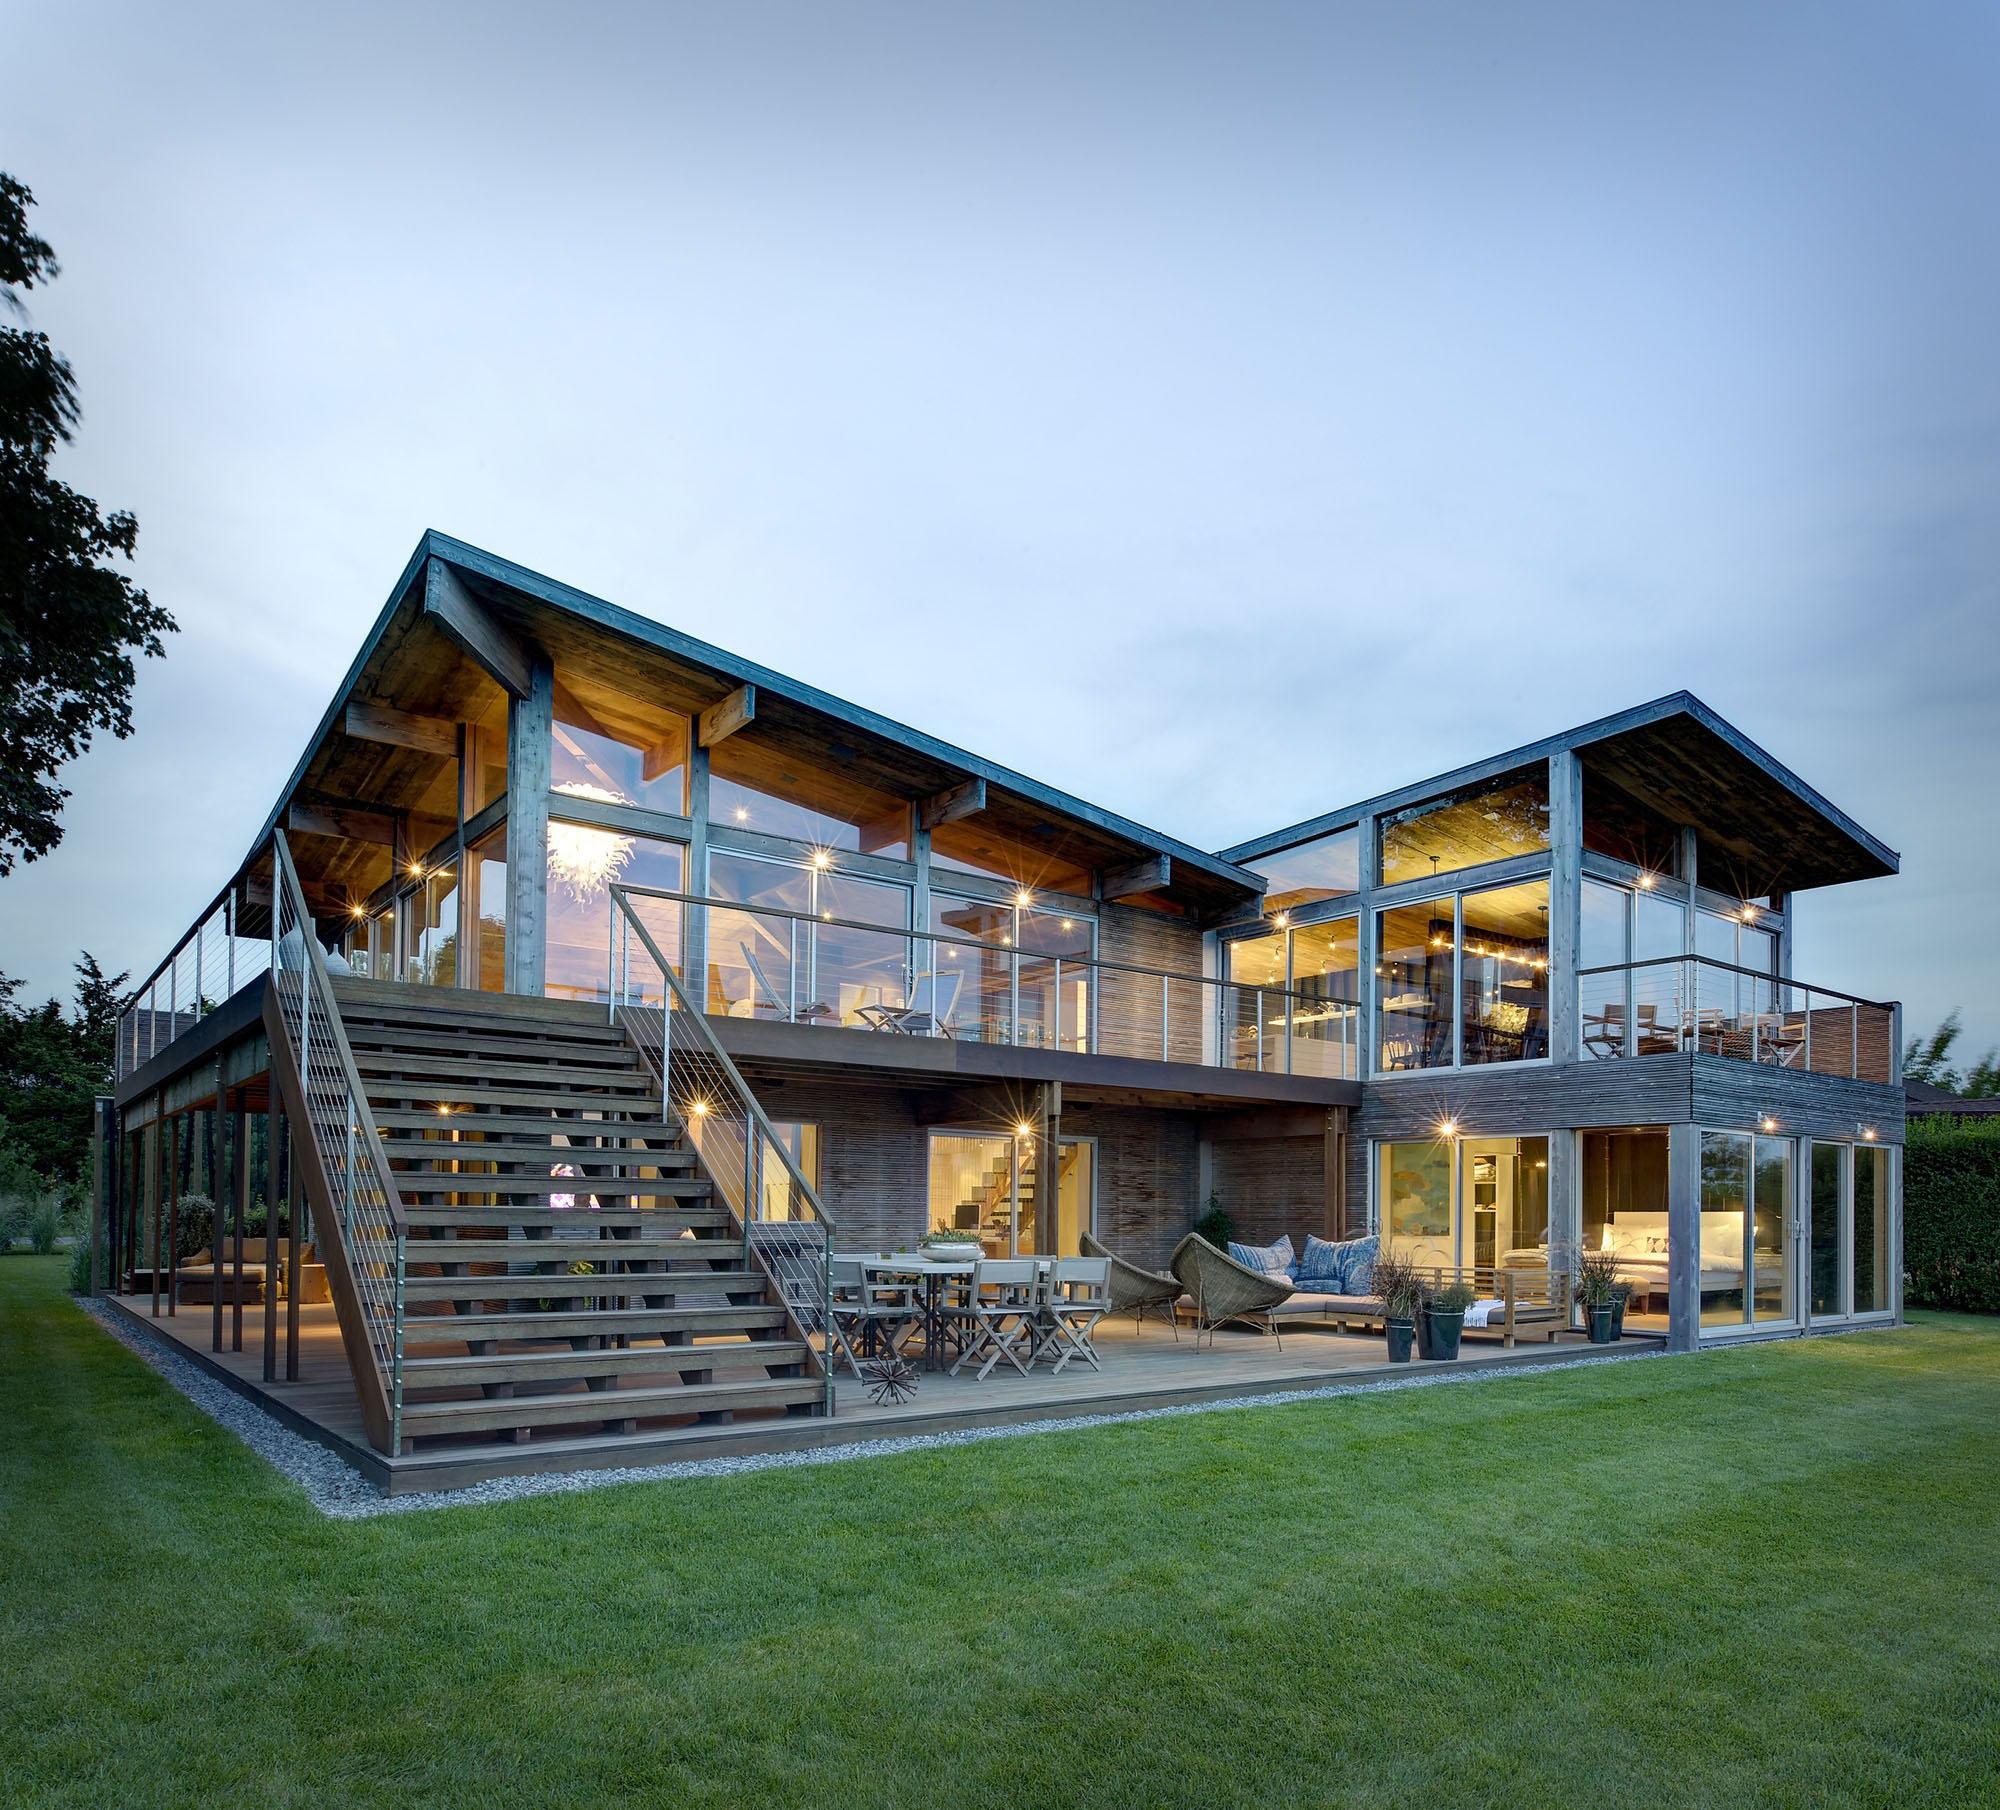 Villazeon Prefab Prefabricated Steel Luxury Wooden Homes